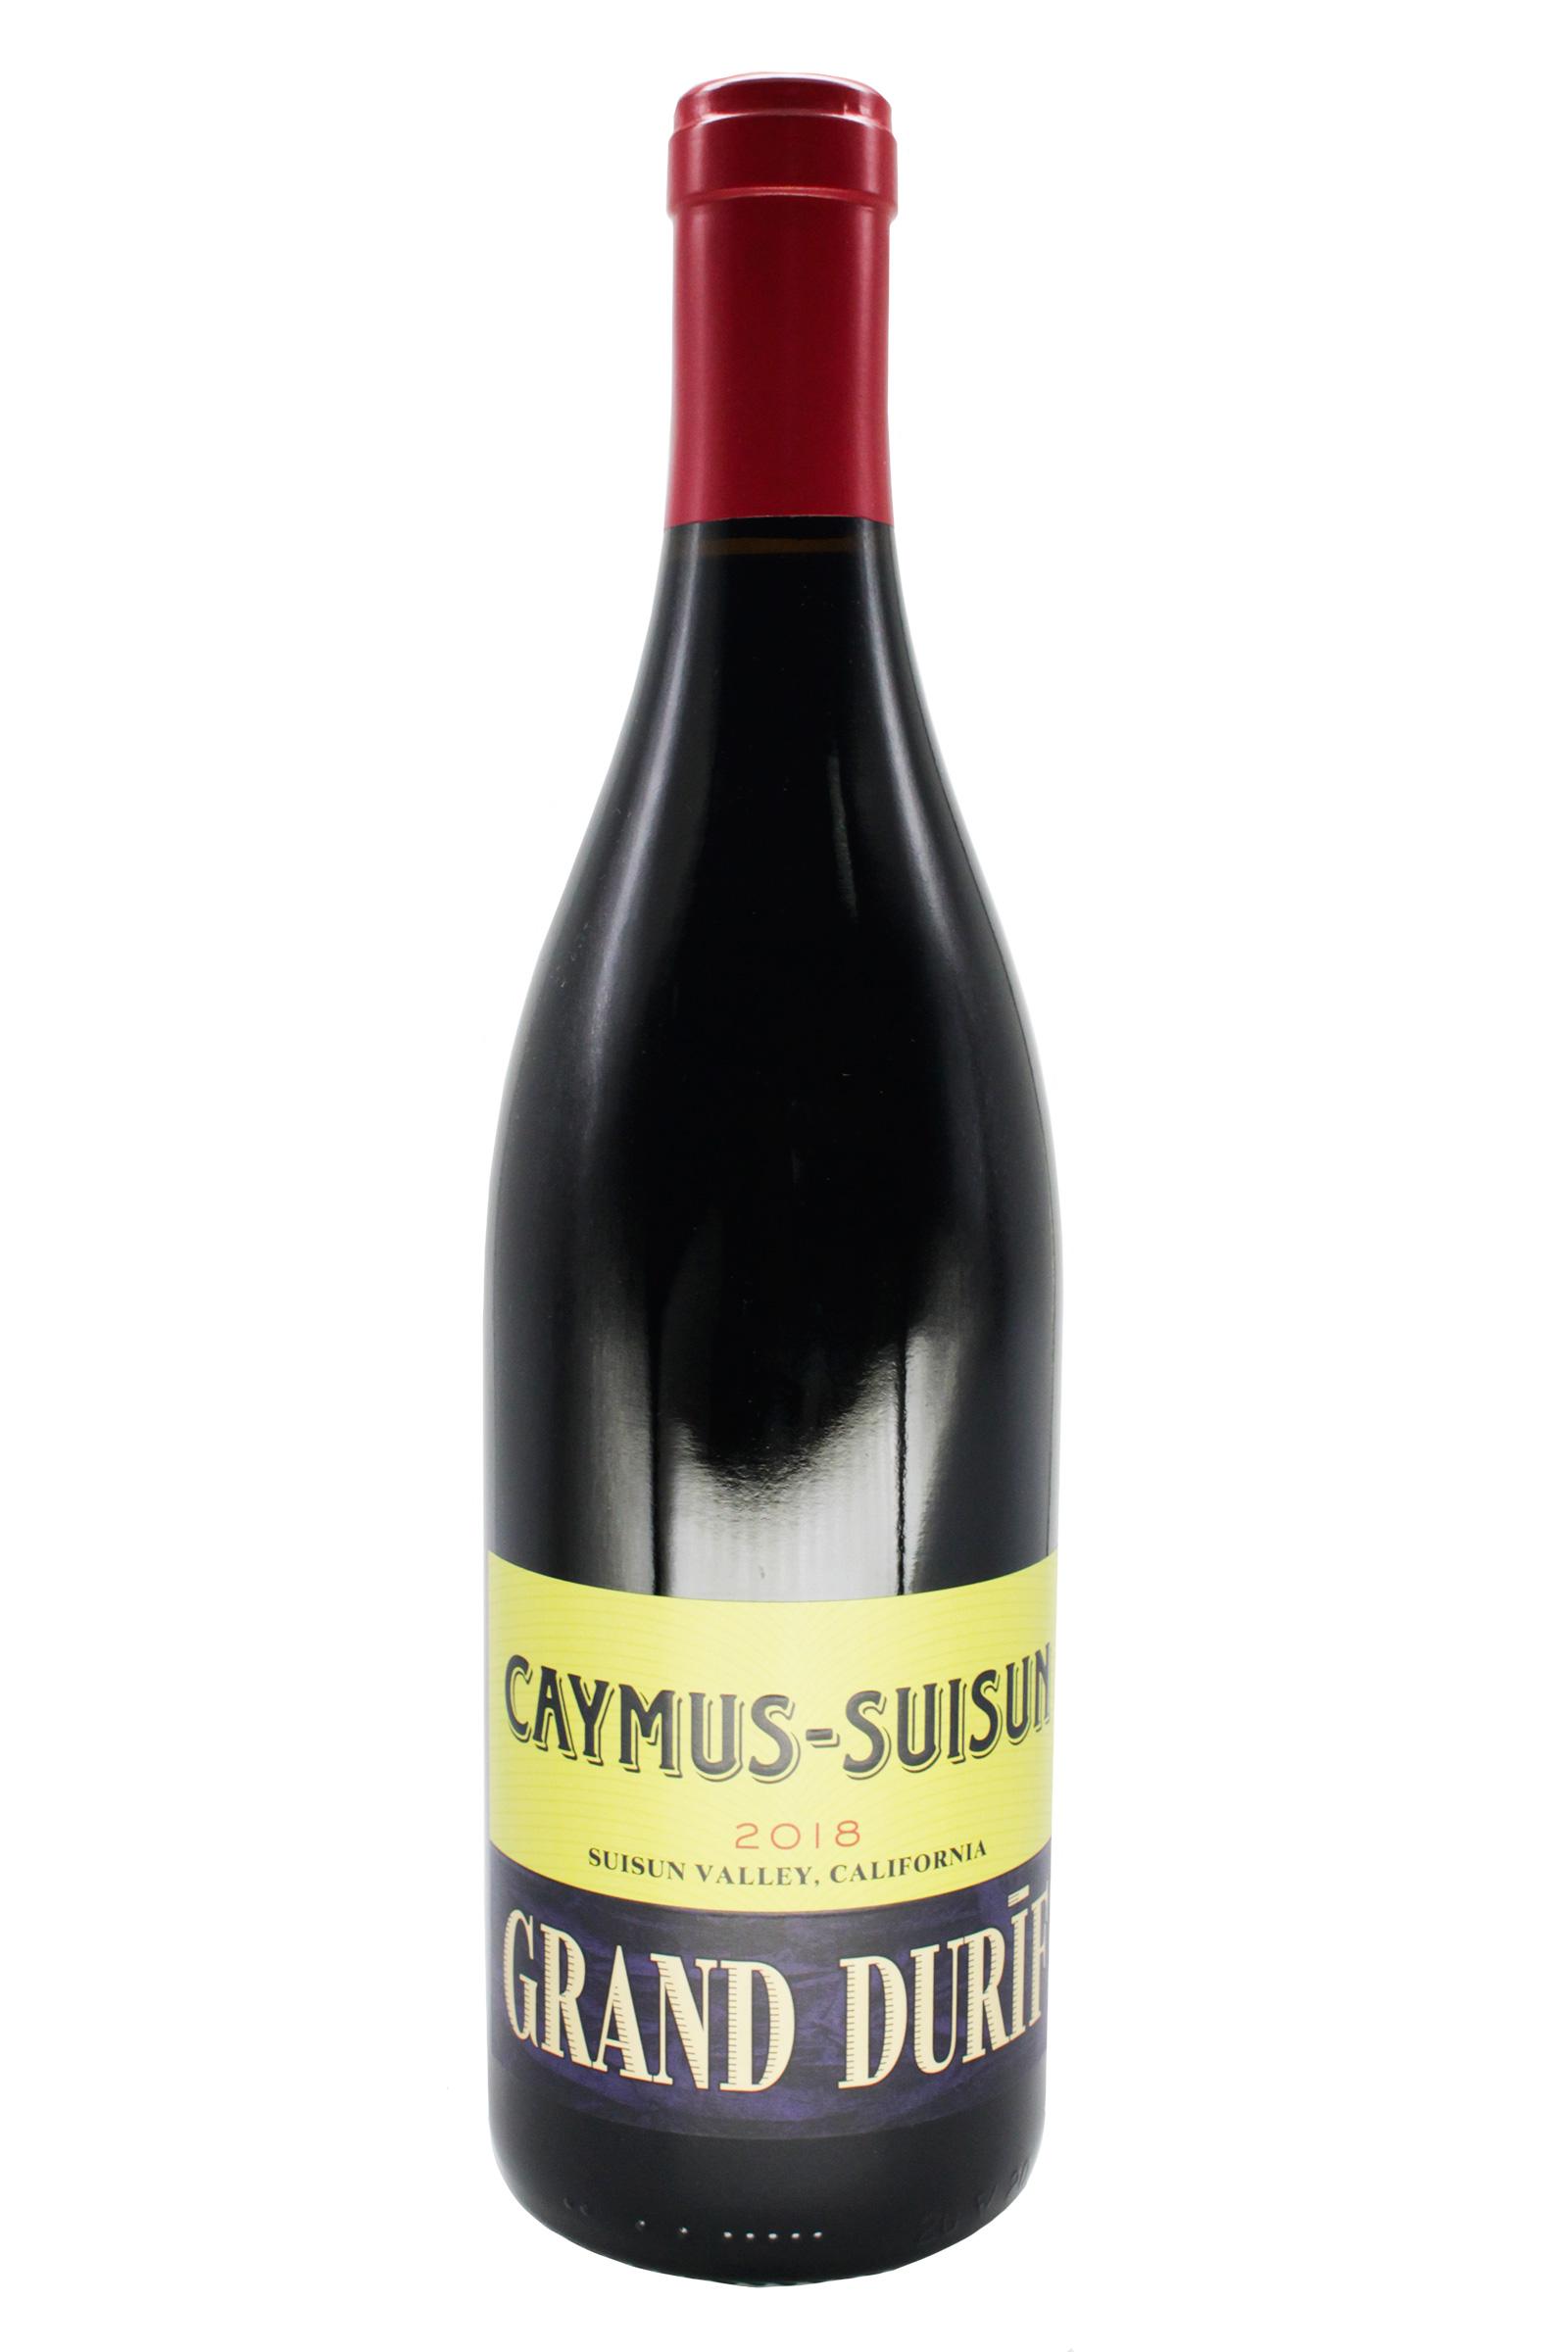 Vino Caymus Suisun Valley Petit Syrah 750ml